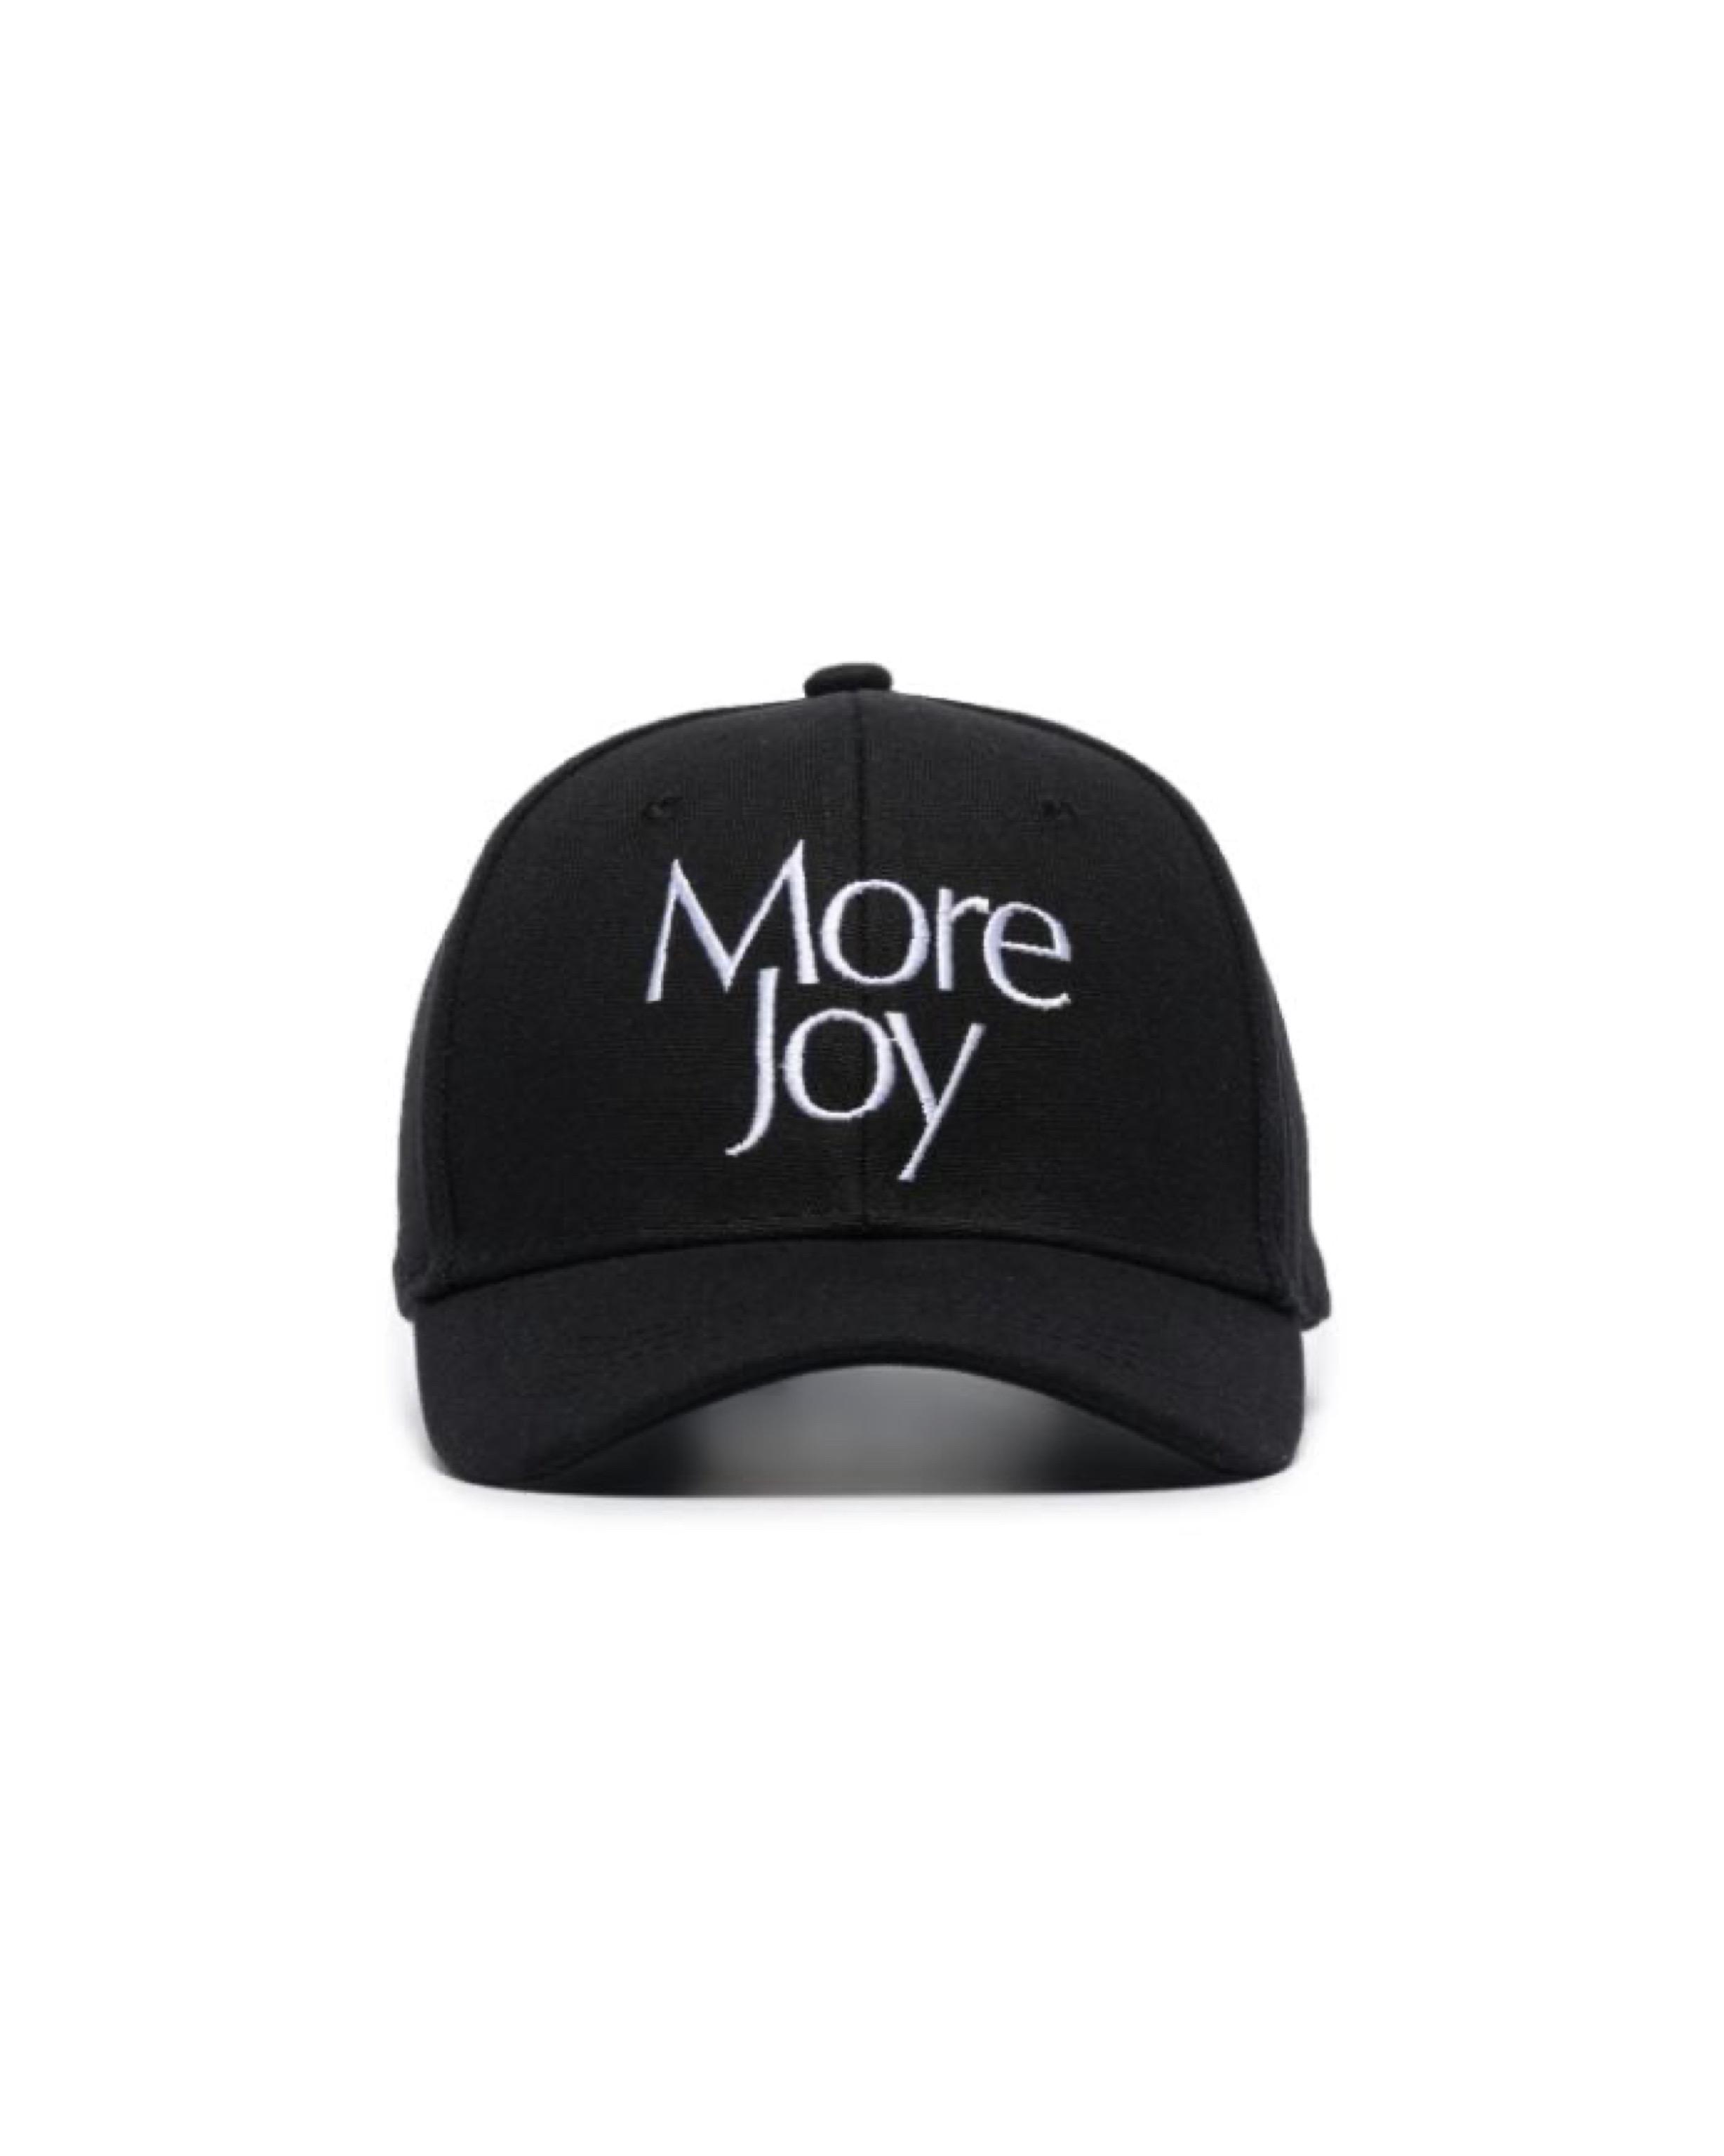 More Joy Cap $90.00